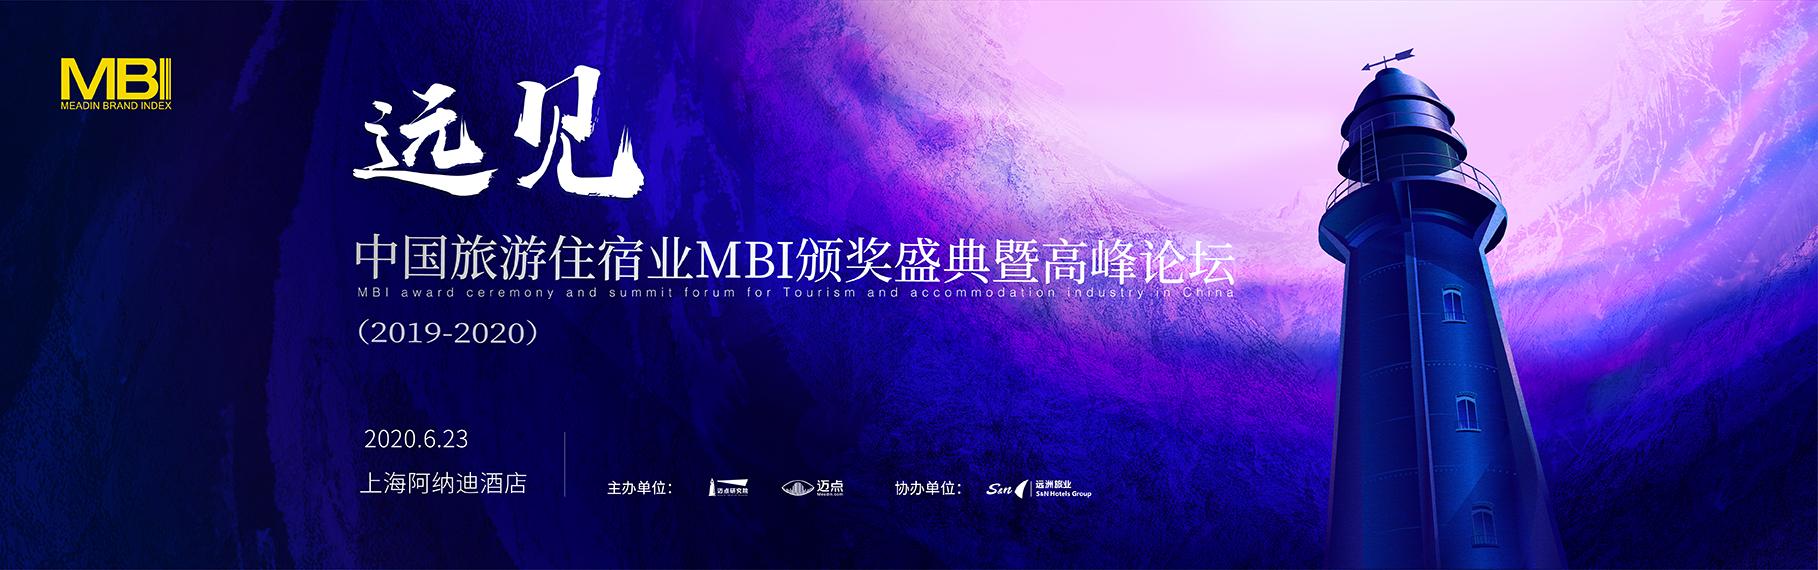 远见 中国旅游住宿业MBI颁奖盛典暨高峰论坛